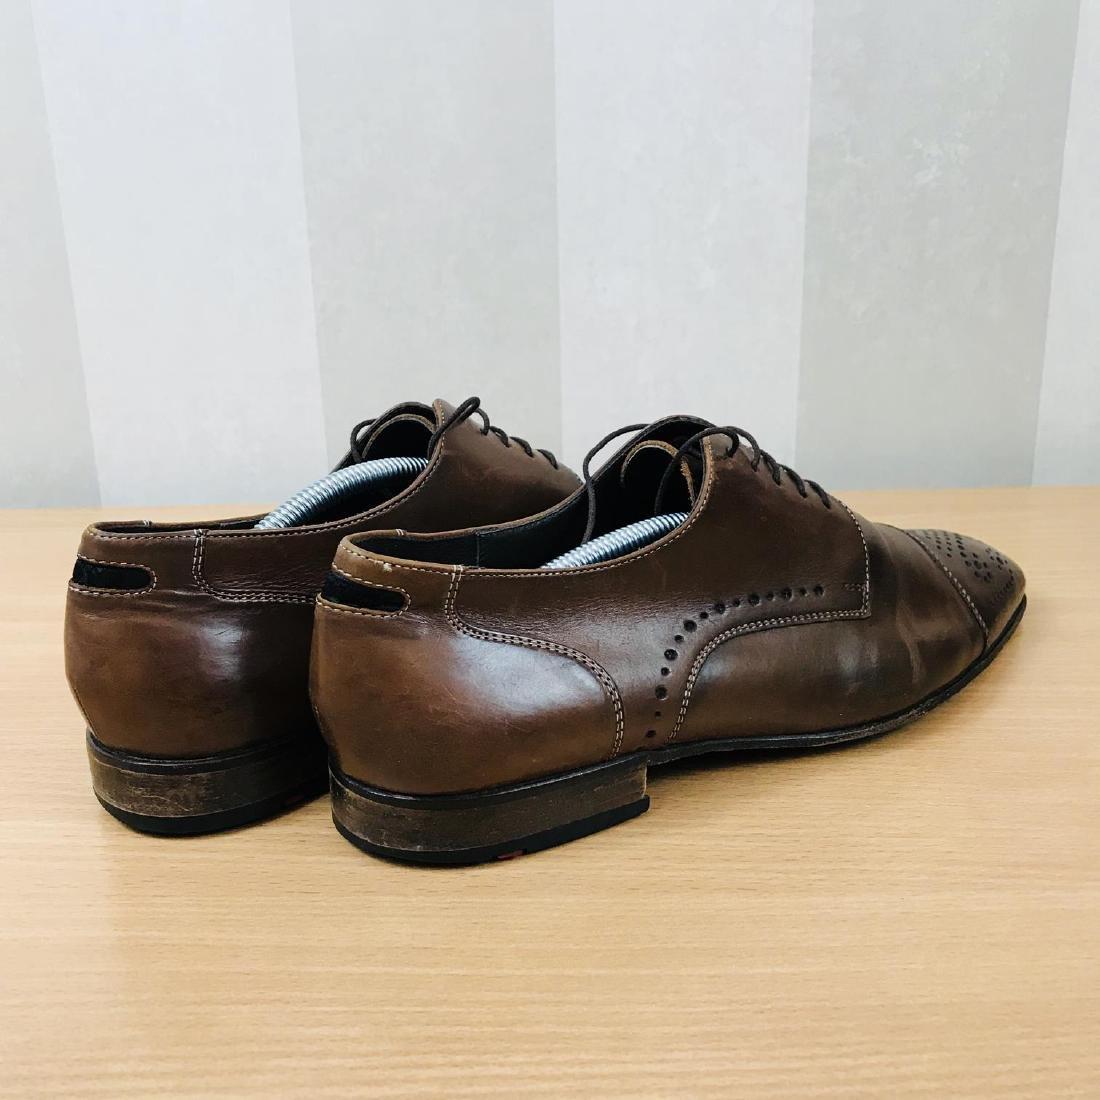 Vintage Men's LLOYD Leather Shoes Size EUR 41 US 8 - 7